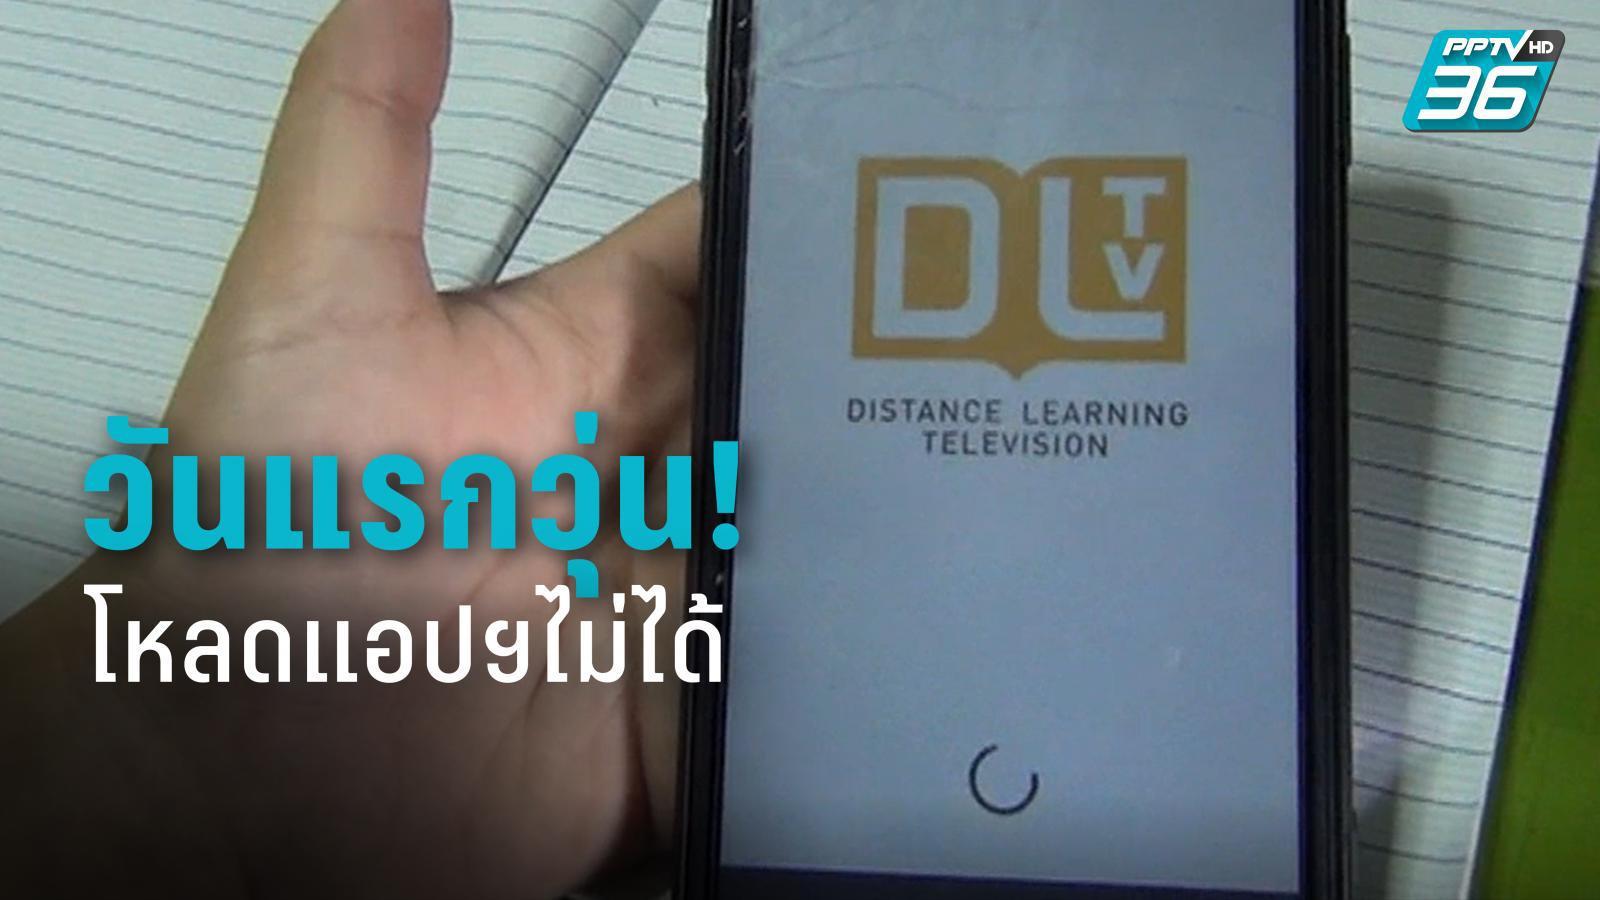 เรียนออนไลน์ วันแรกวุ่น แอปฯ DLTV เรียนทางไกลโหลดไม่ได้